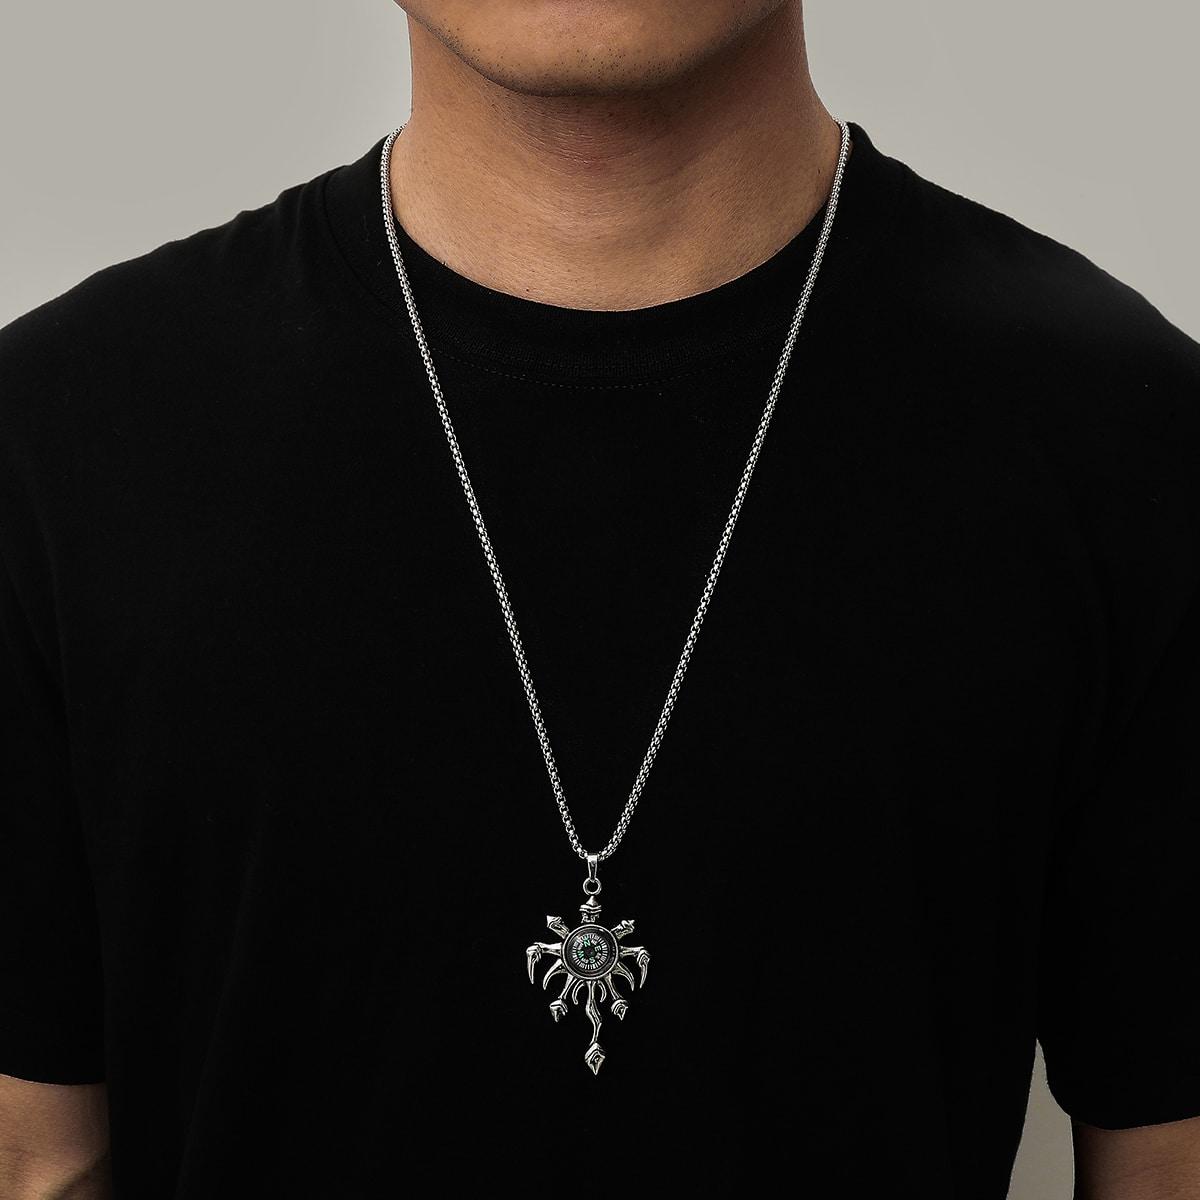 Мужское ожерелье с компасом